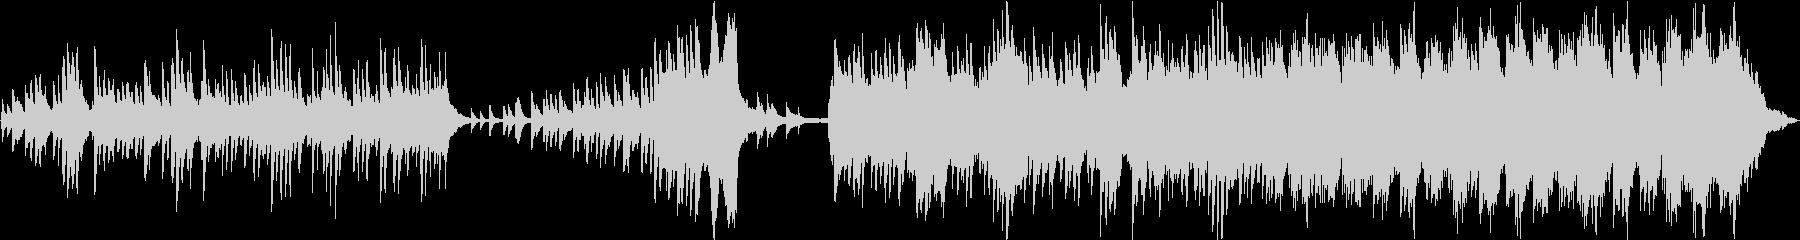 美しいメロディーと華やかなピアノアレンジの未再生の波形